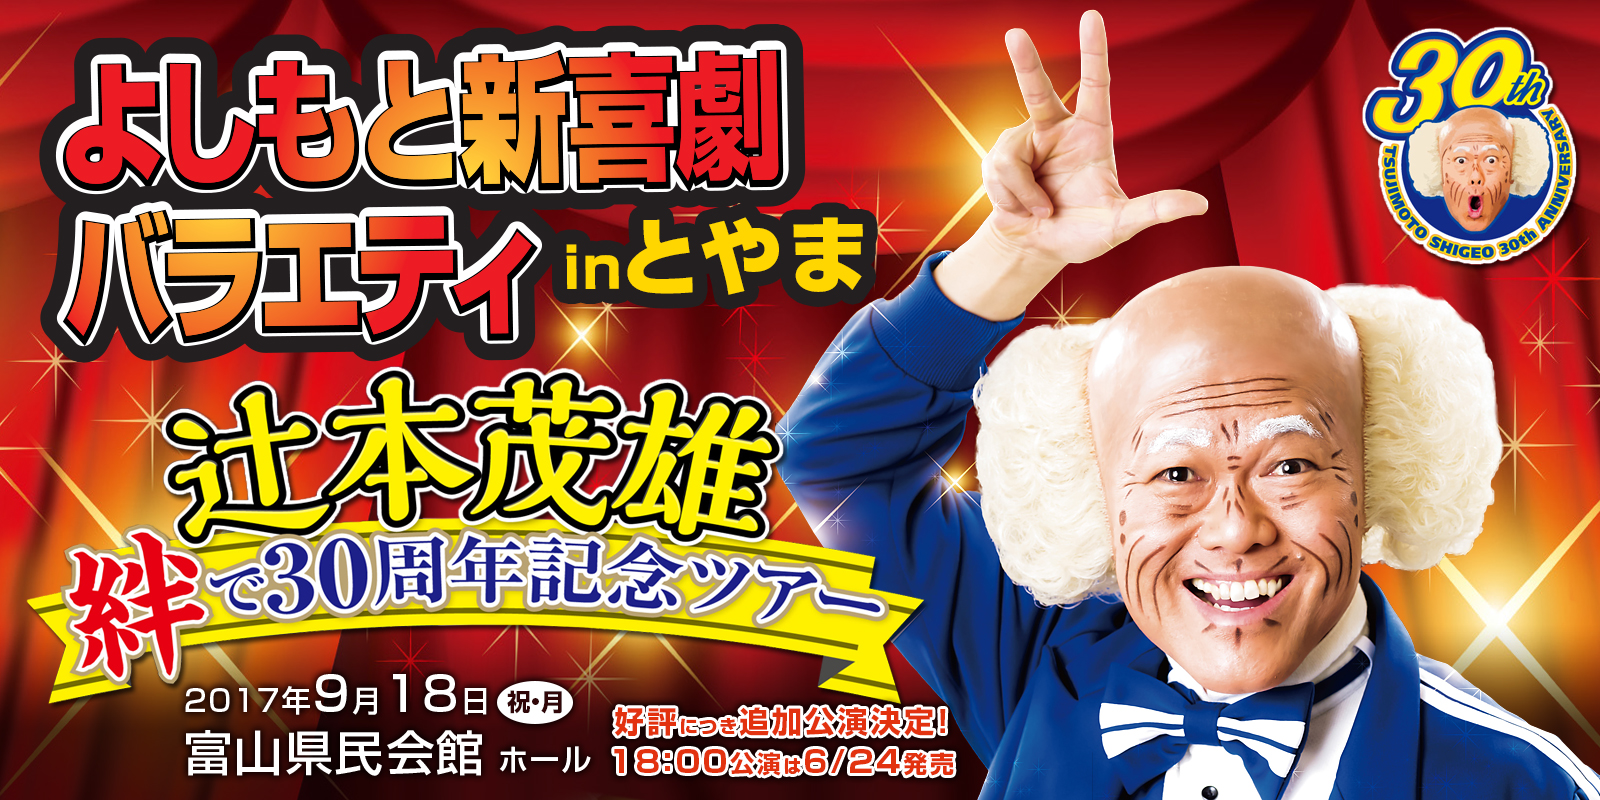 よしもと新喜劇バラエティinとやま 辻本茂雄 絆で30周年記念ツアー アイキャッチ